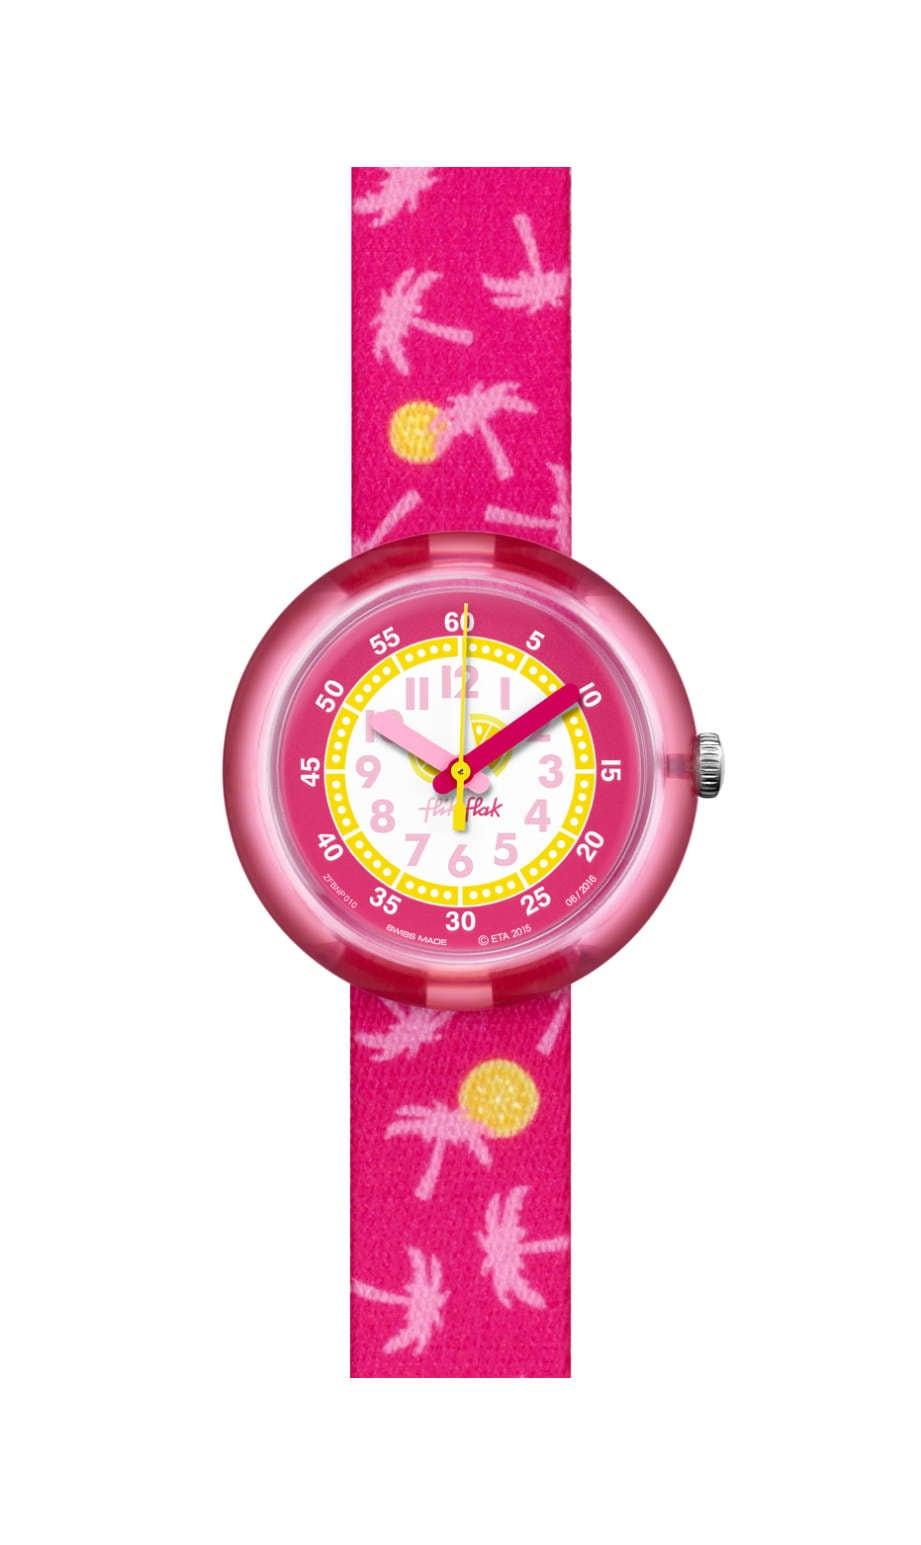 Swatch - PINK SUMMER - 1